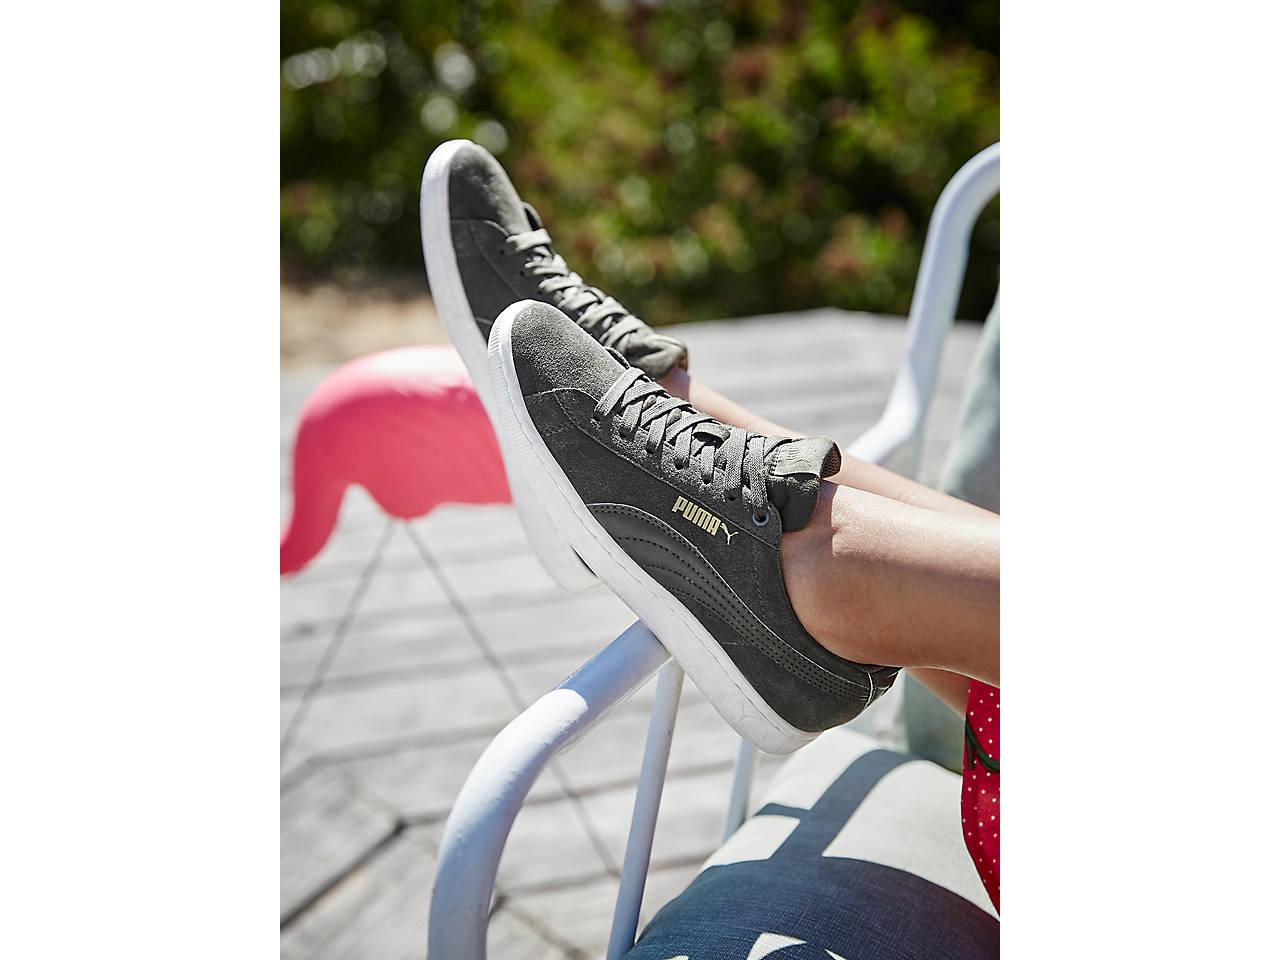 c4b10ea5995d Puma Vikky Lo Suede Sneaker - Women s Women s Shoes